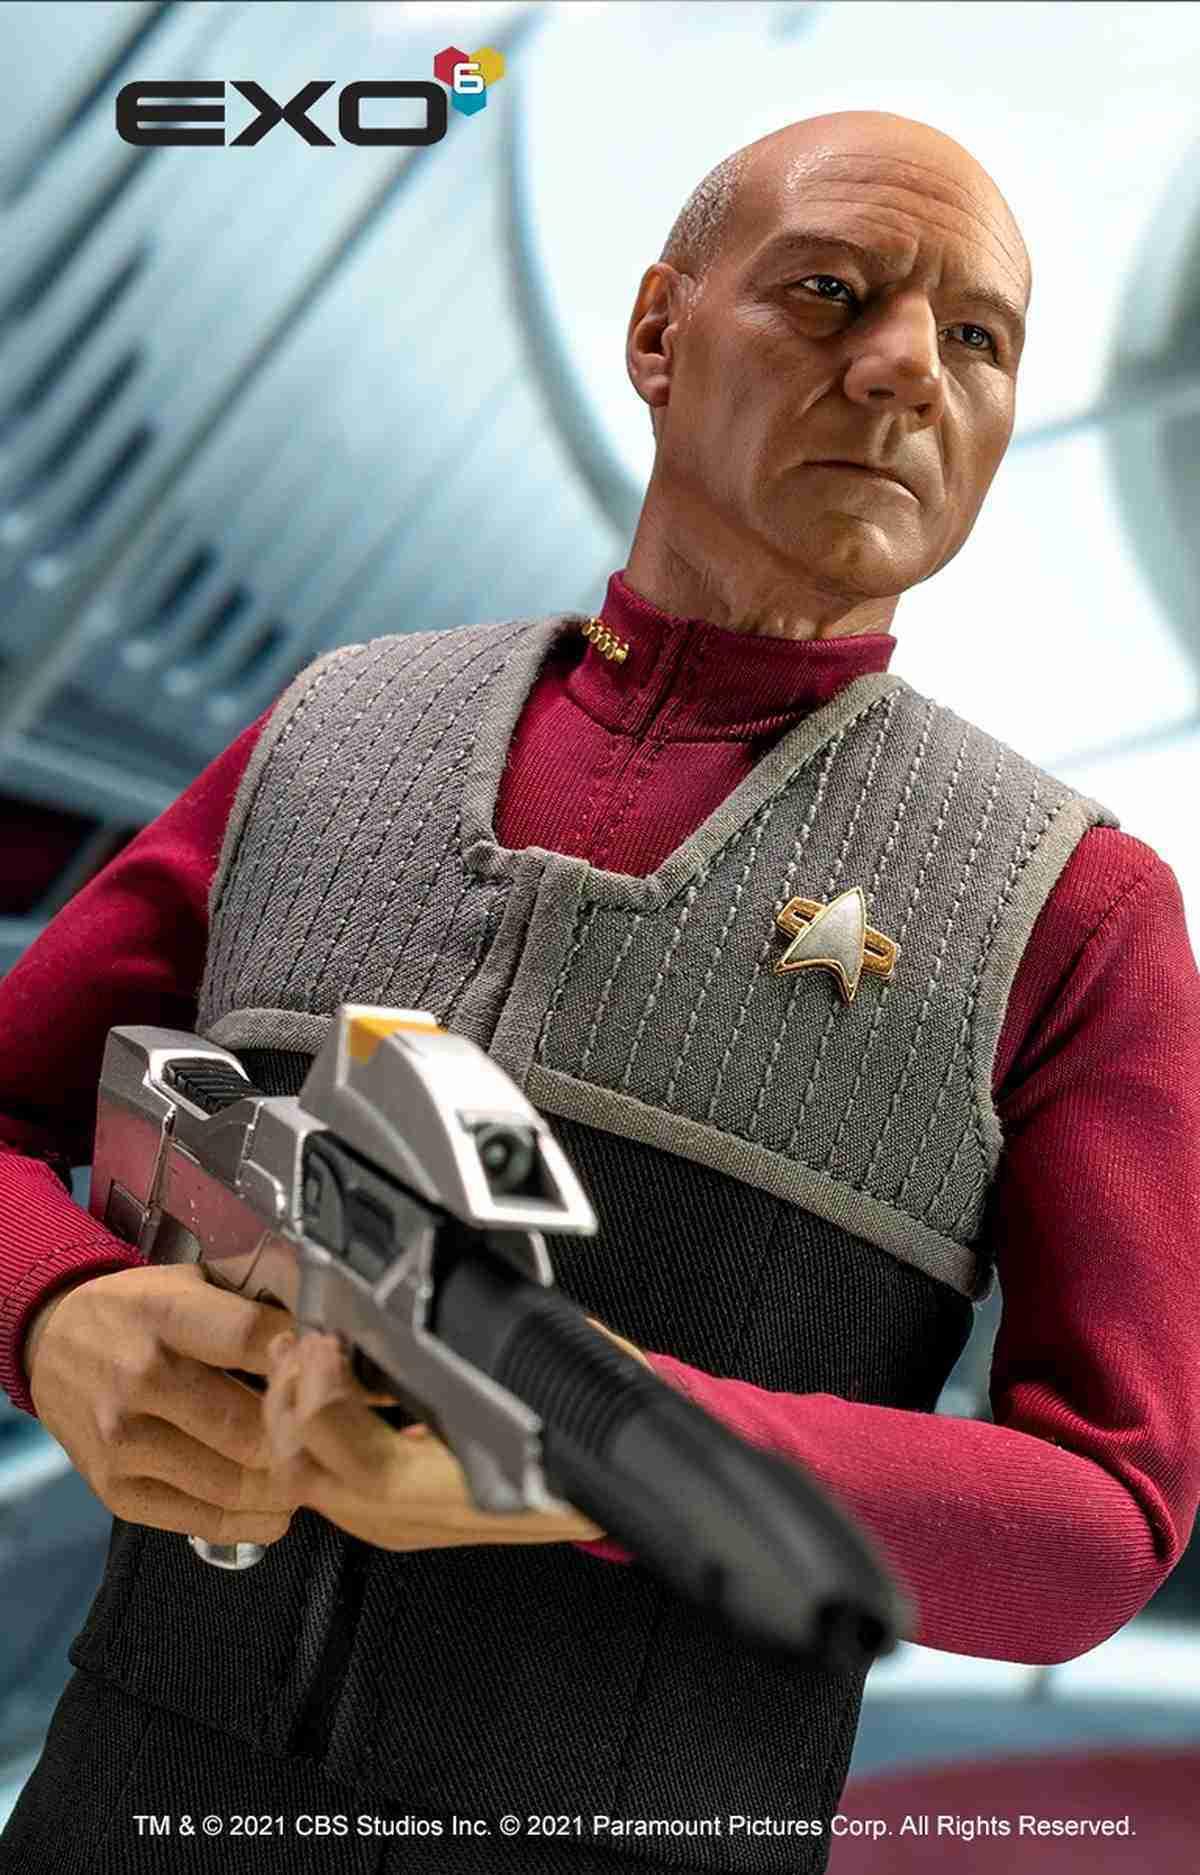 Star Trek First Contact Picard Exo 6 5